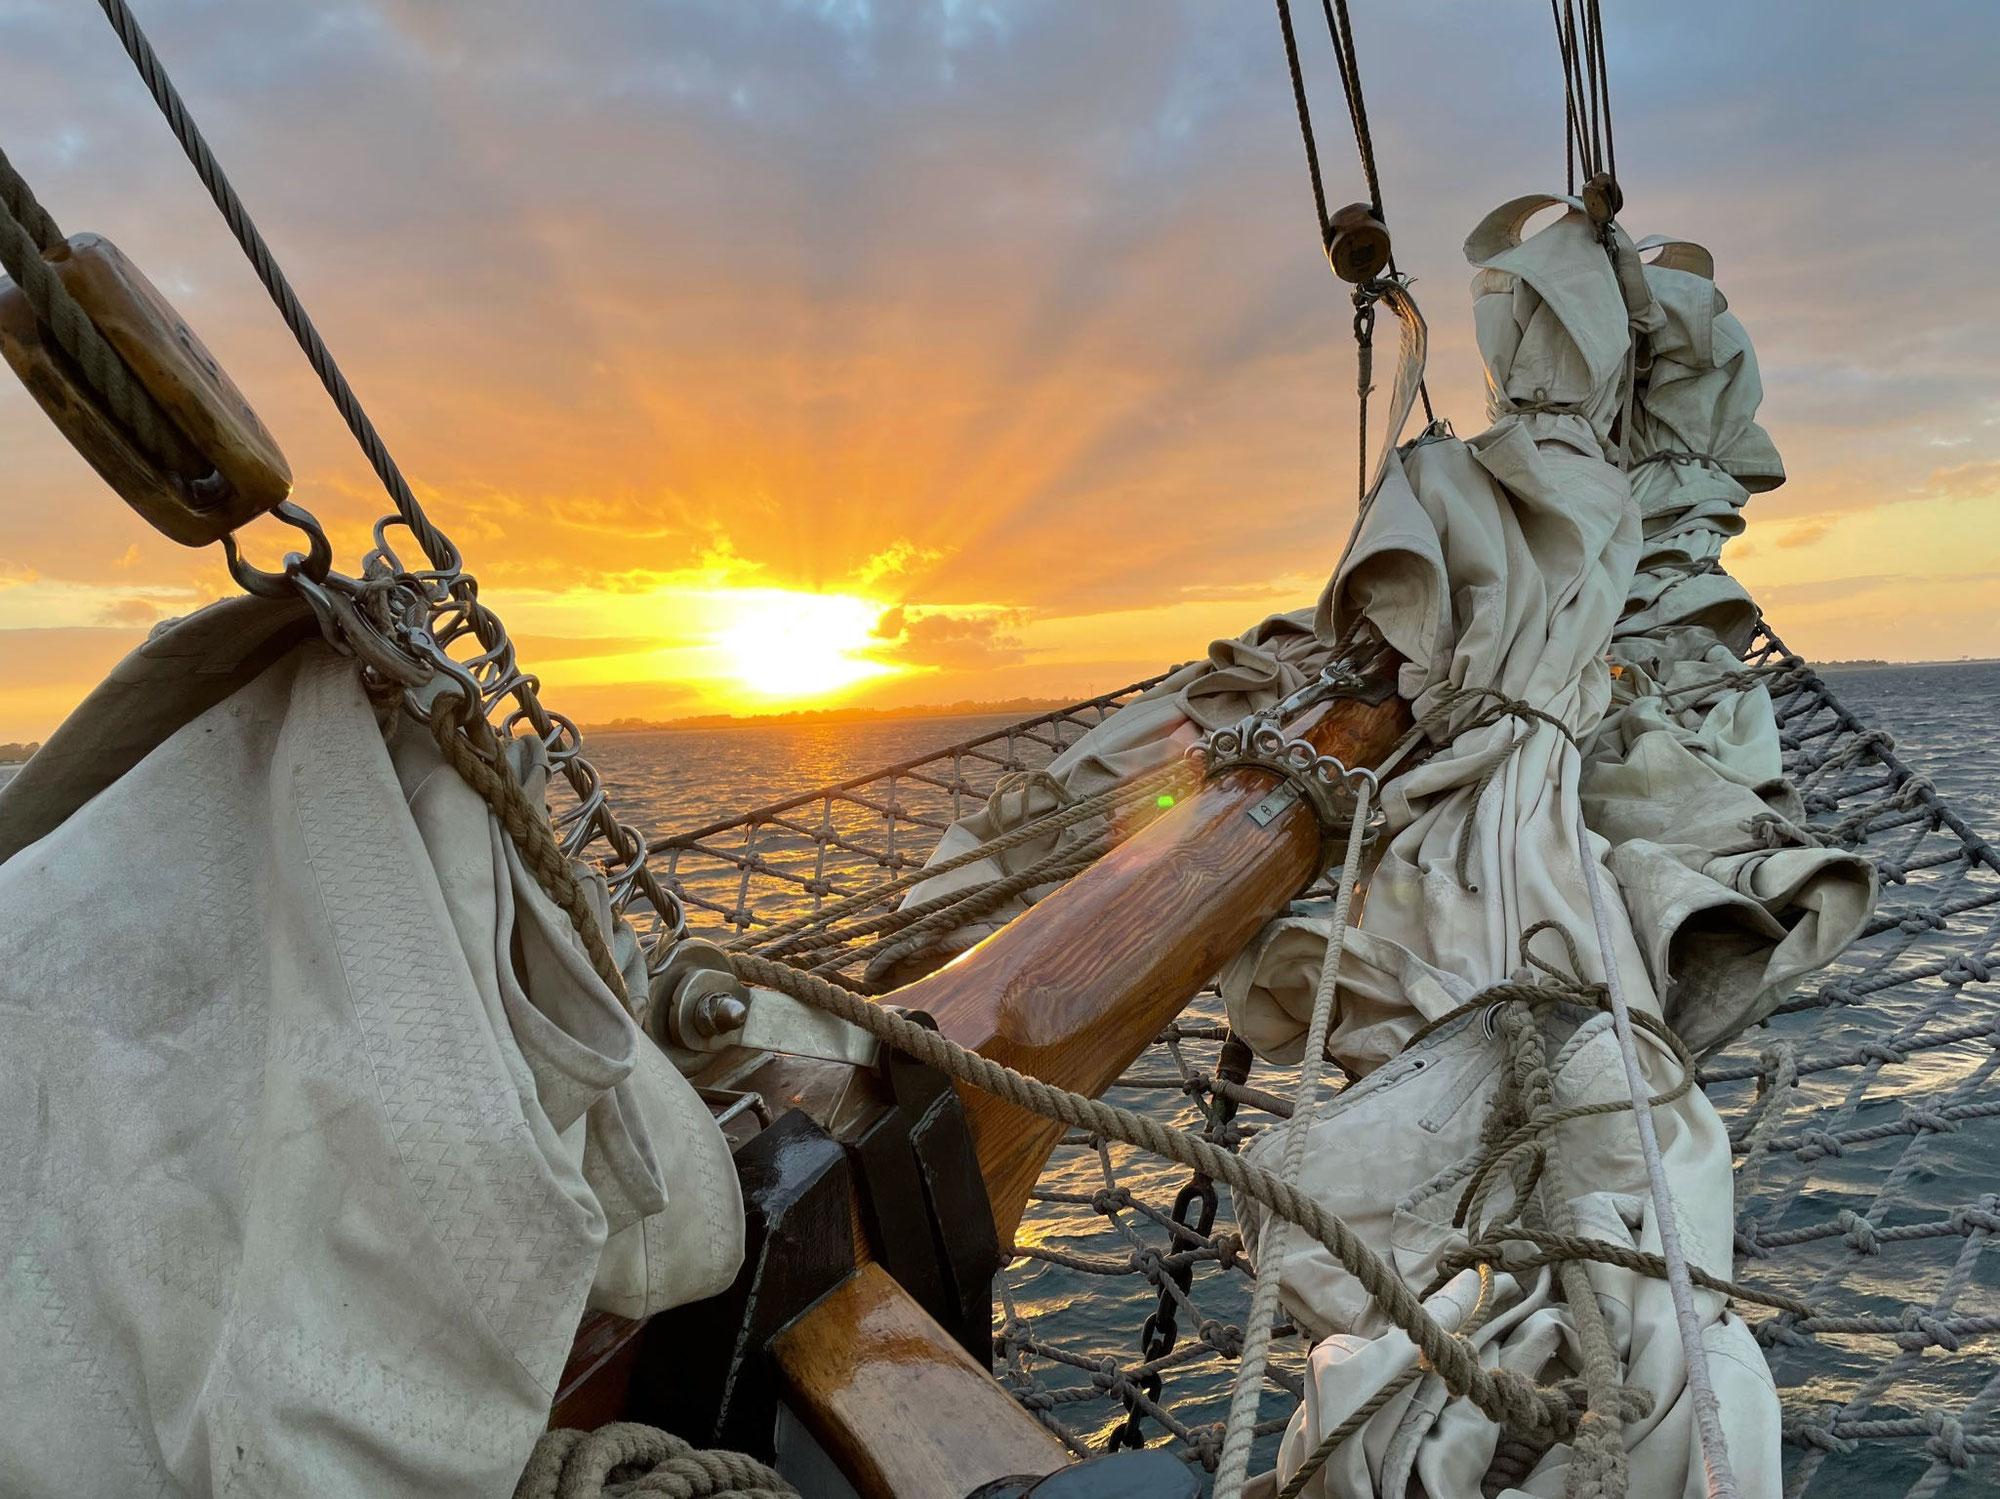 KAS Segeltörn - Aktivurlaub auf hoher See